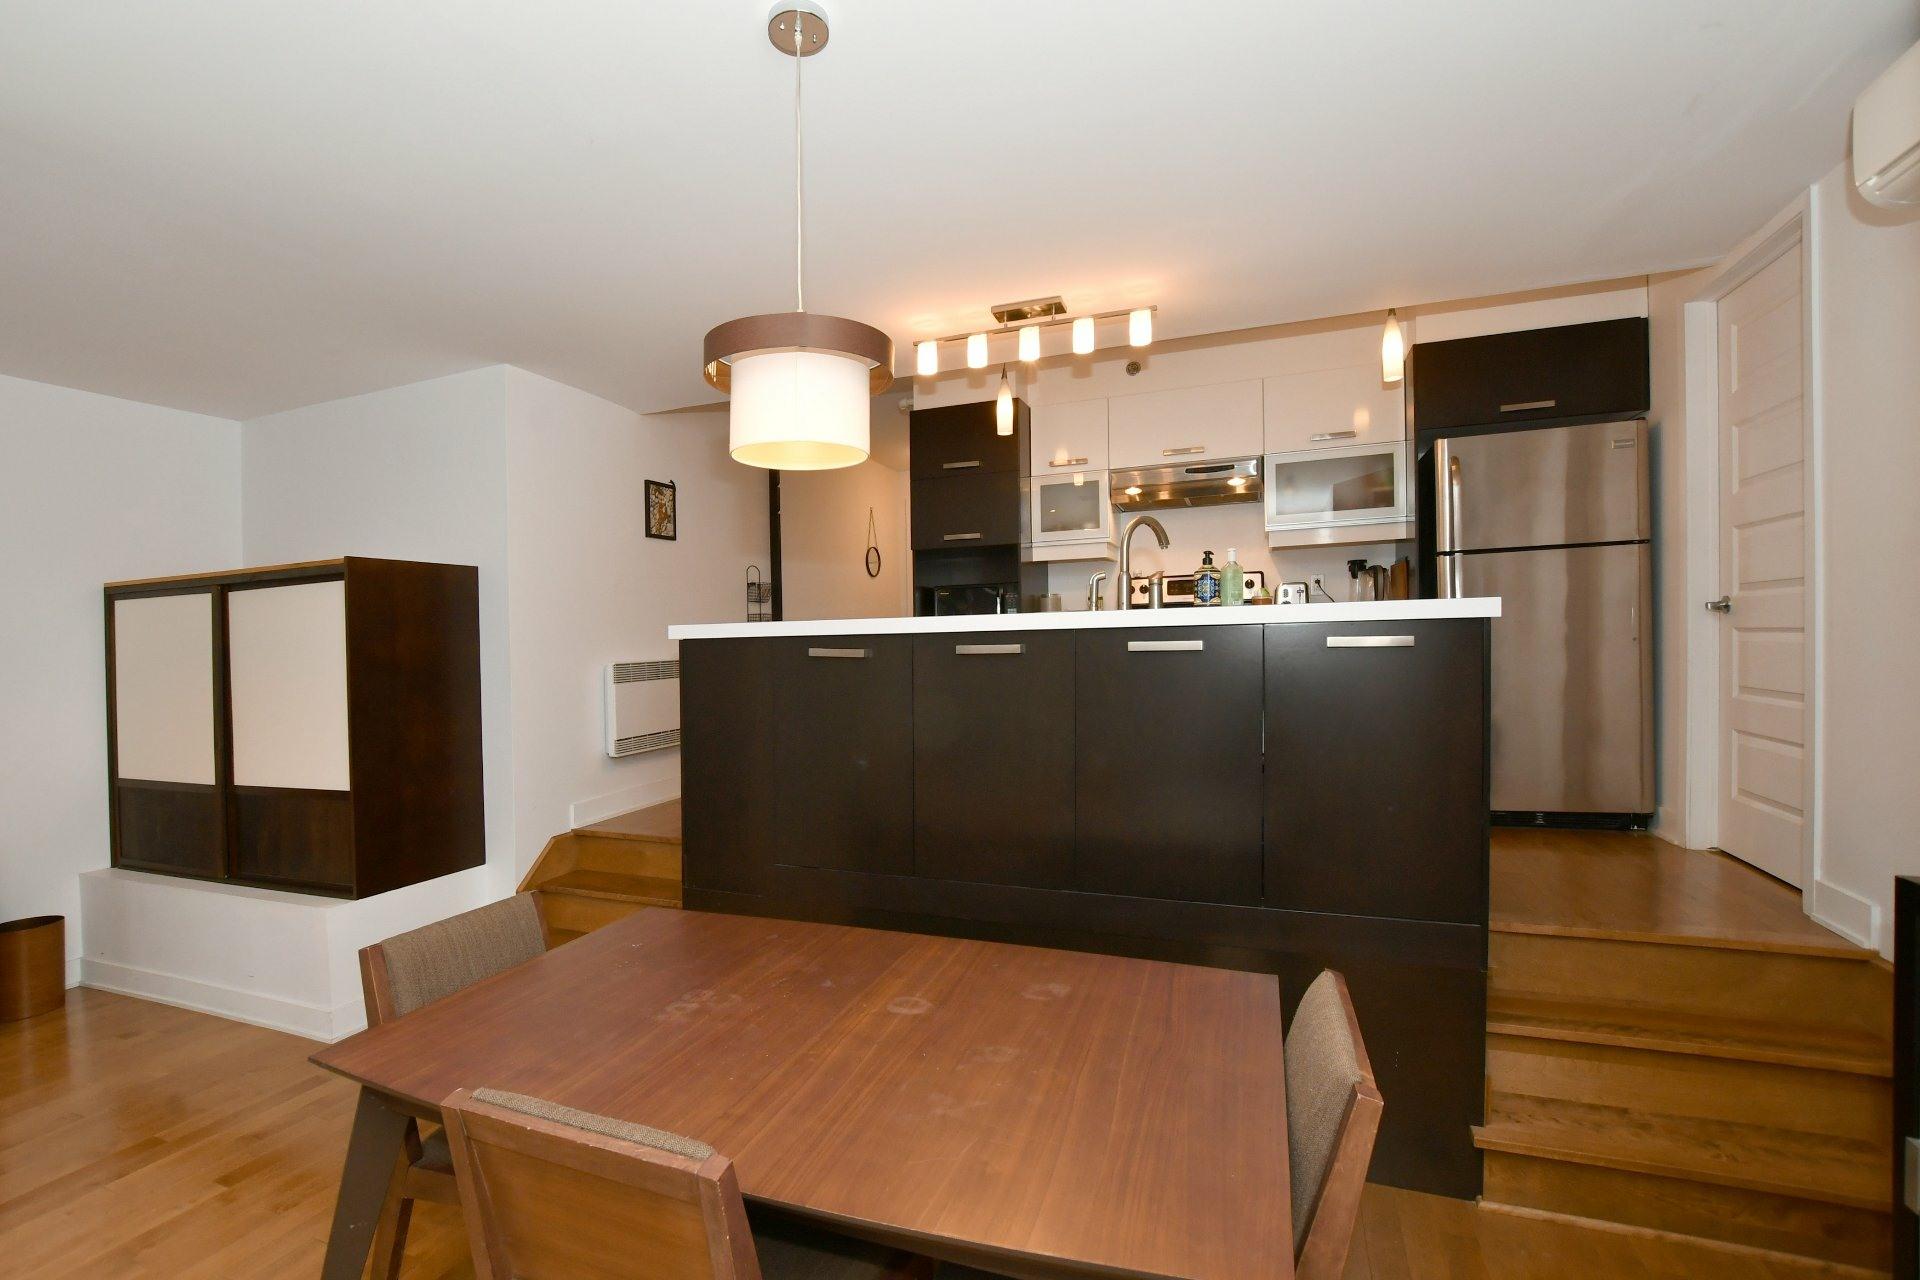 image 8 - Appartement À louer Le Plateau-Mont-Royal Montréal  - 4 pièces